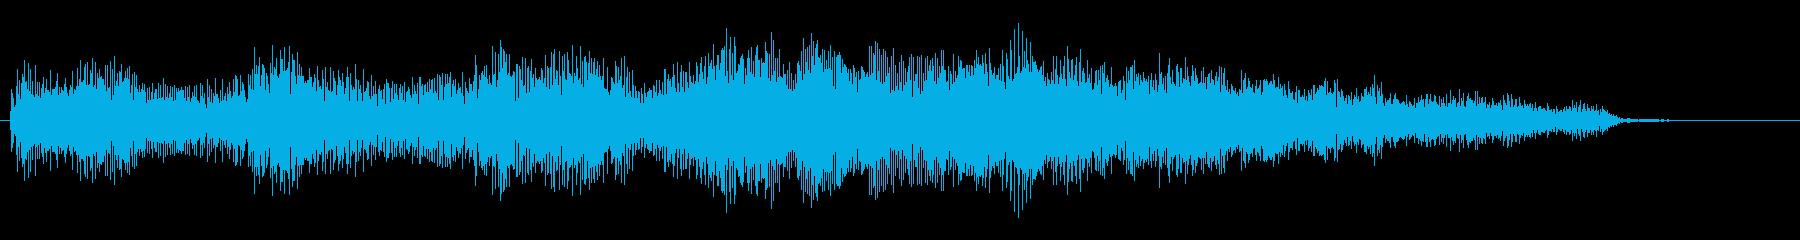 ローズピアノのキラキラしたジングル_5秒の再生済みの波形